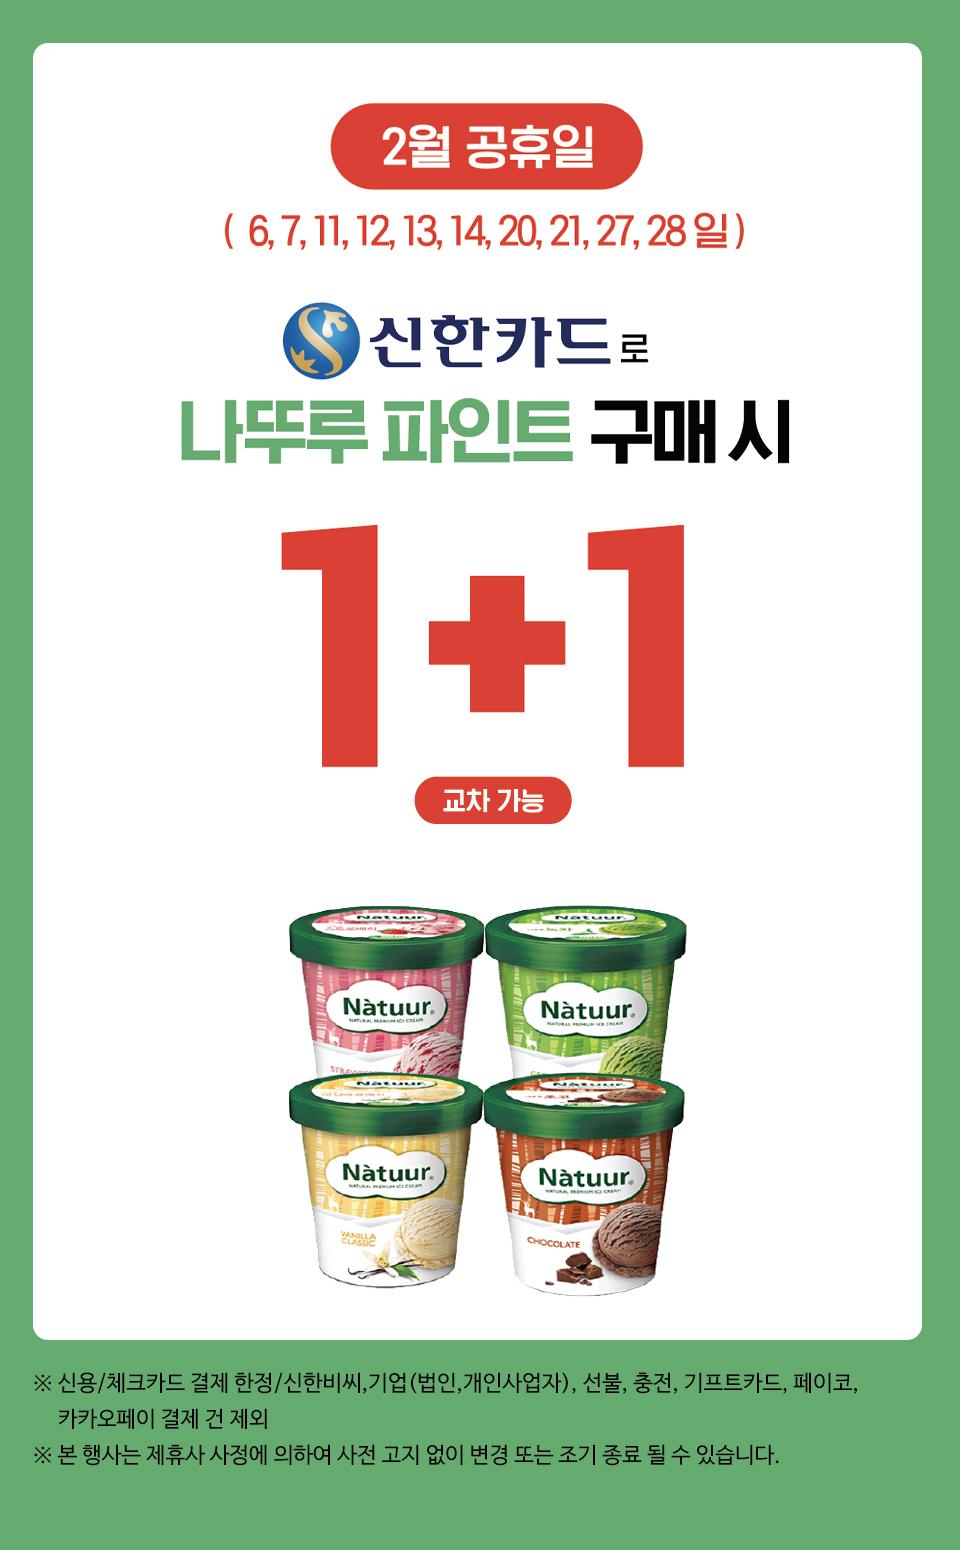 신한카드로 나뚜루 파인트 구매 시 1+1